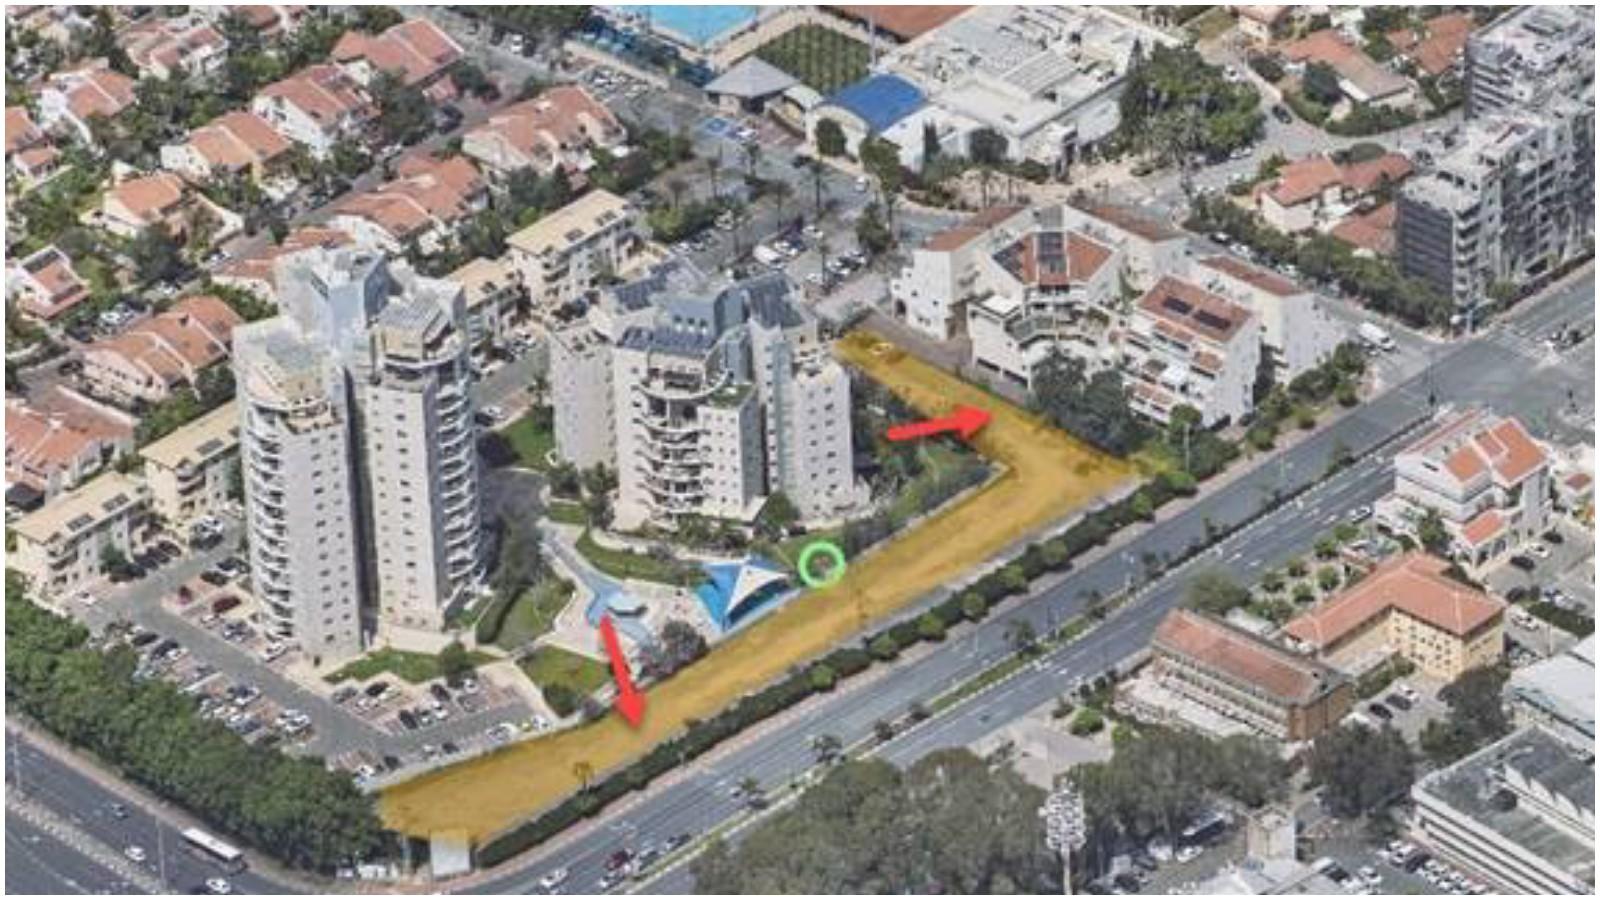 השטח שבו אמור לקום החניון ברחוב טשרניחובסקי. צילום באדיבות עיריית כפר סבא